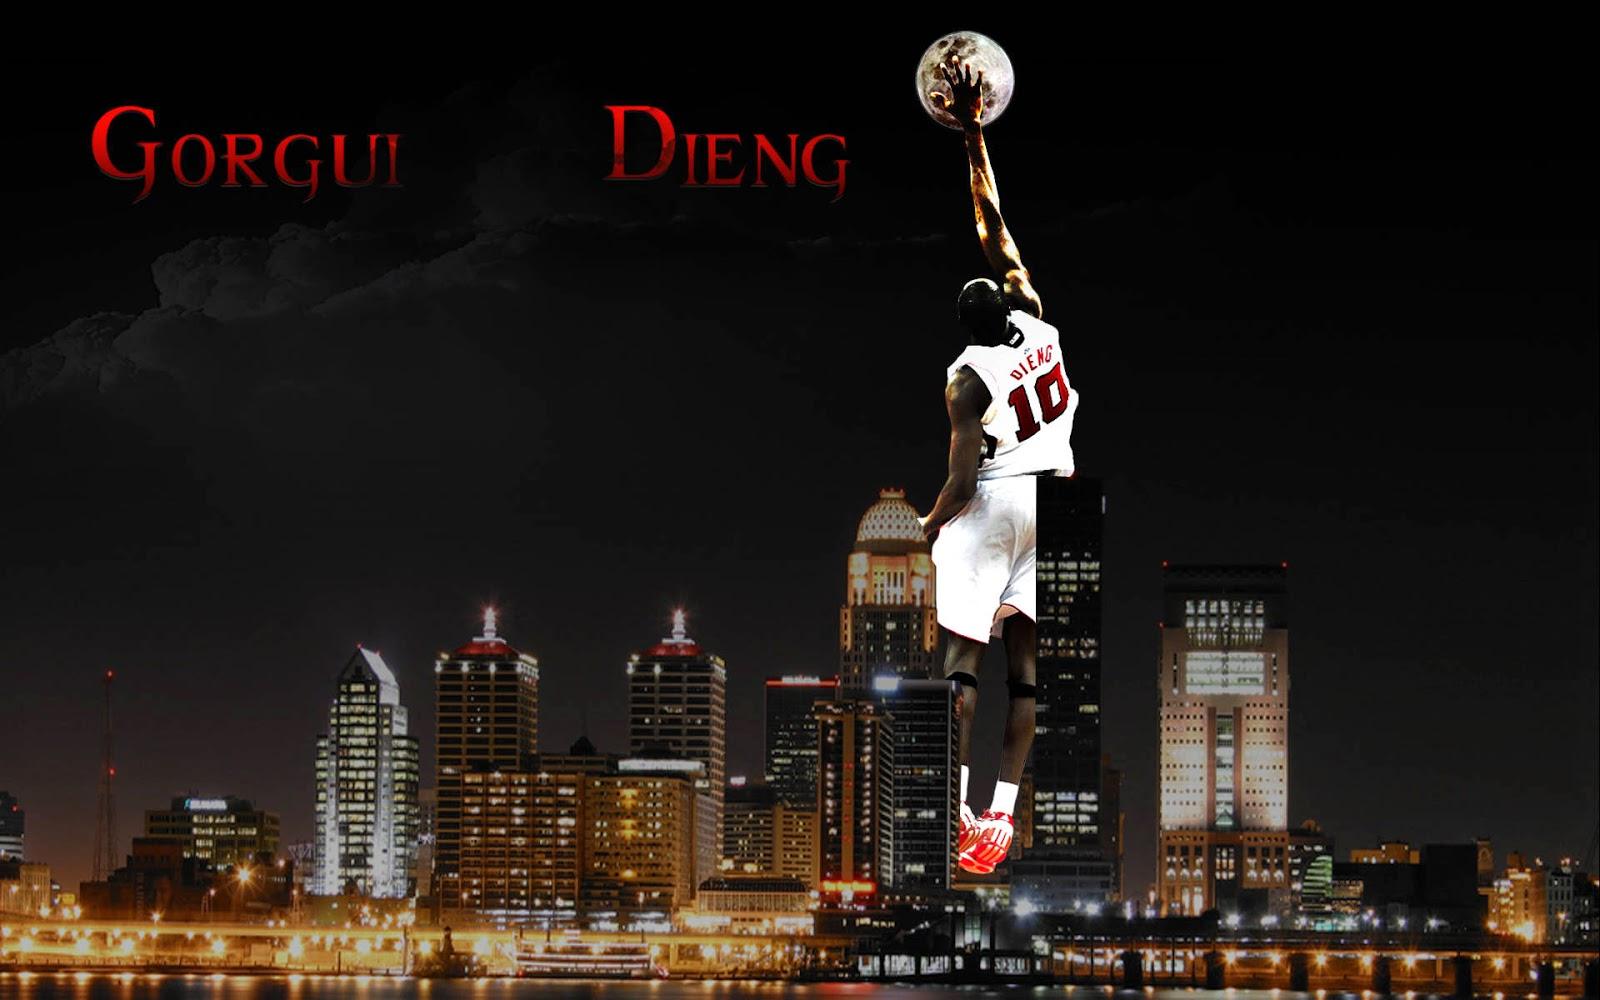 Ο μαύρος πάνθηρας της Σενεγάλης- Corgui Dieng ( Γκόργκι Τζενγκ)